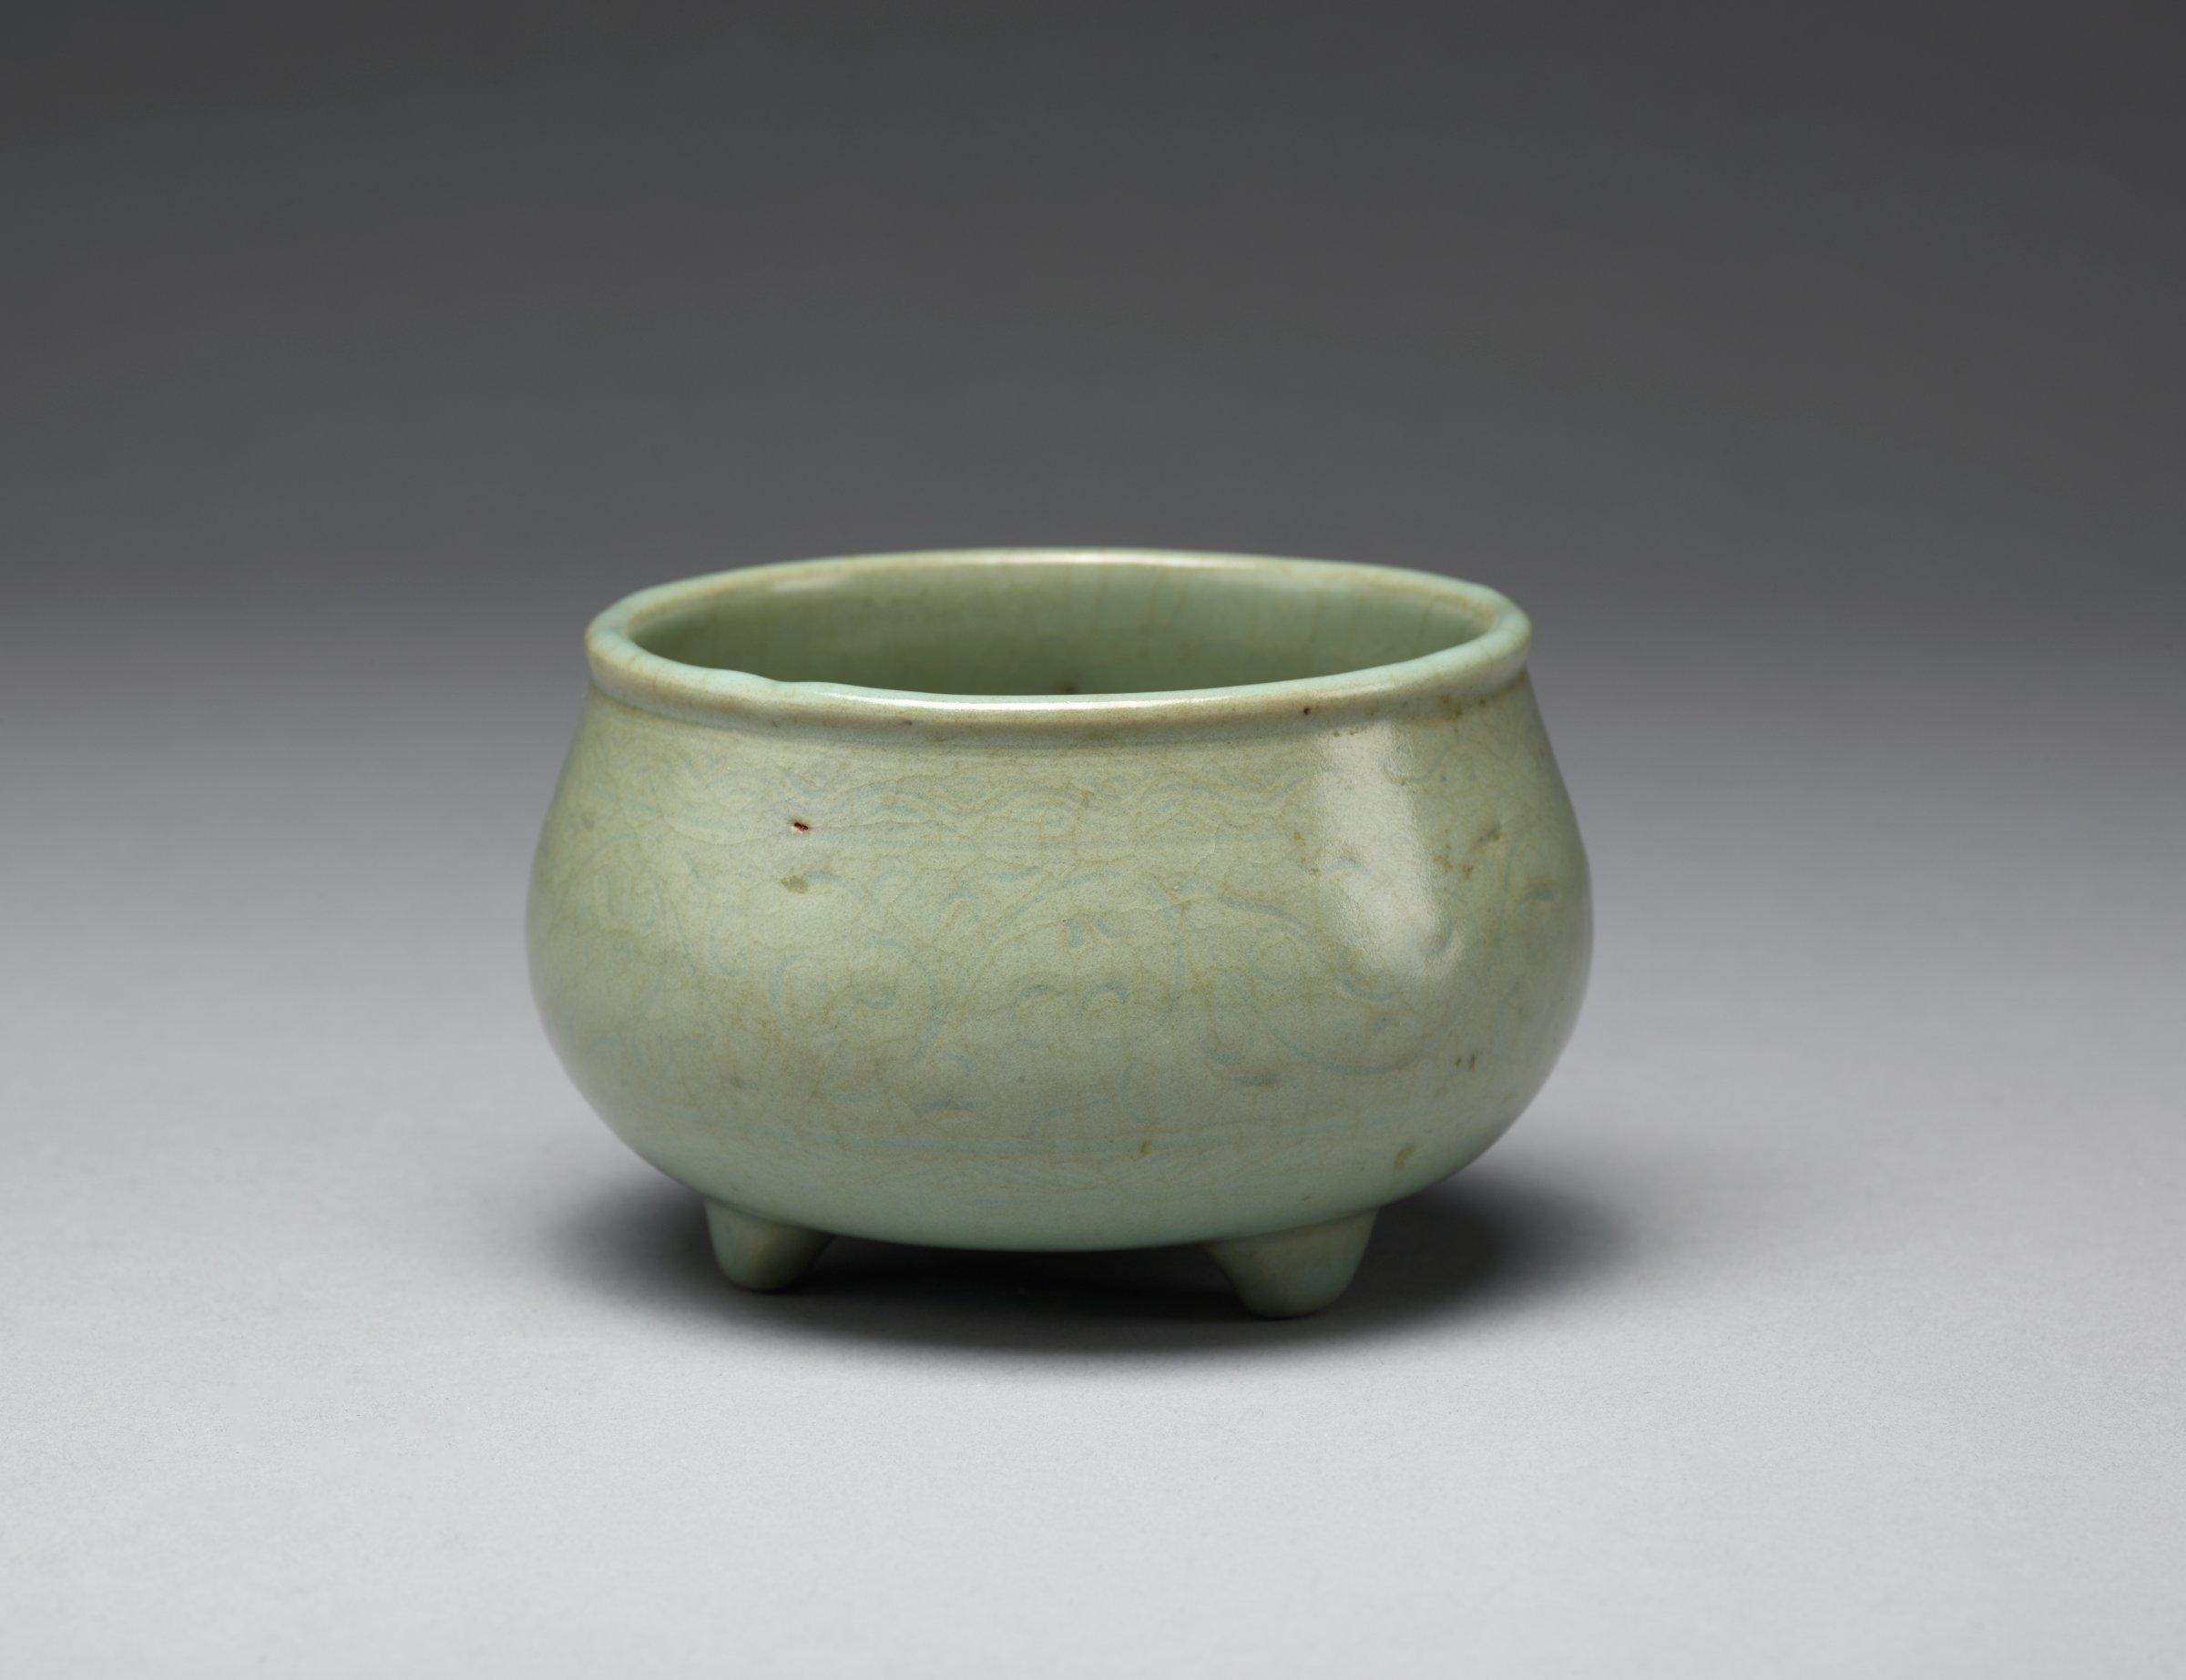 Tripod Censer, Korea, glazed stoneware